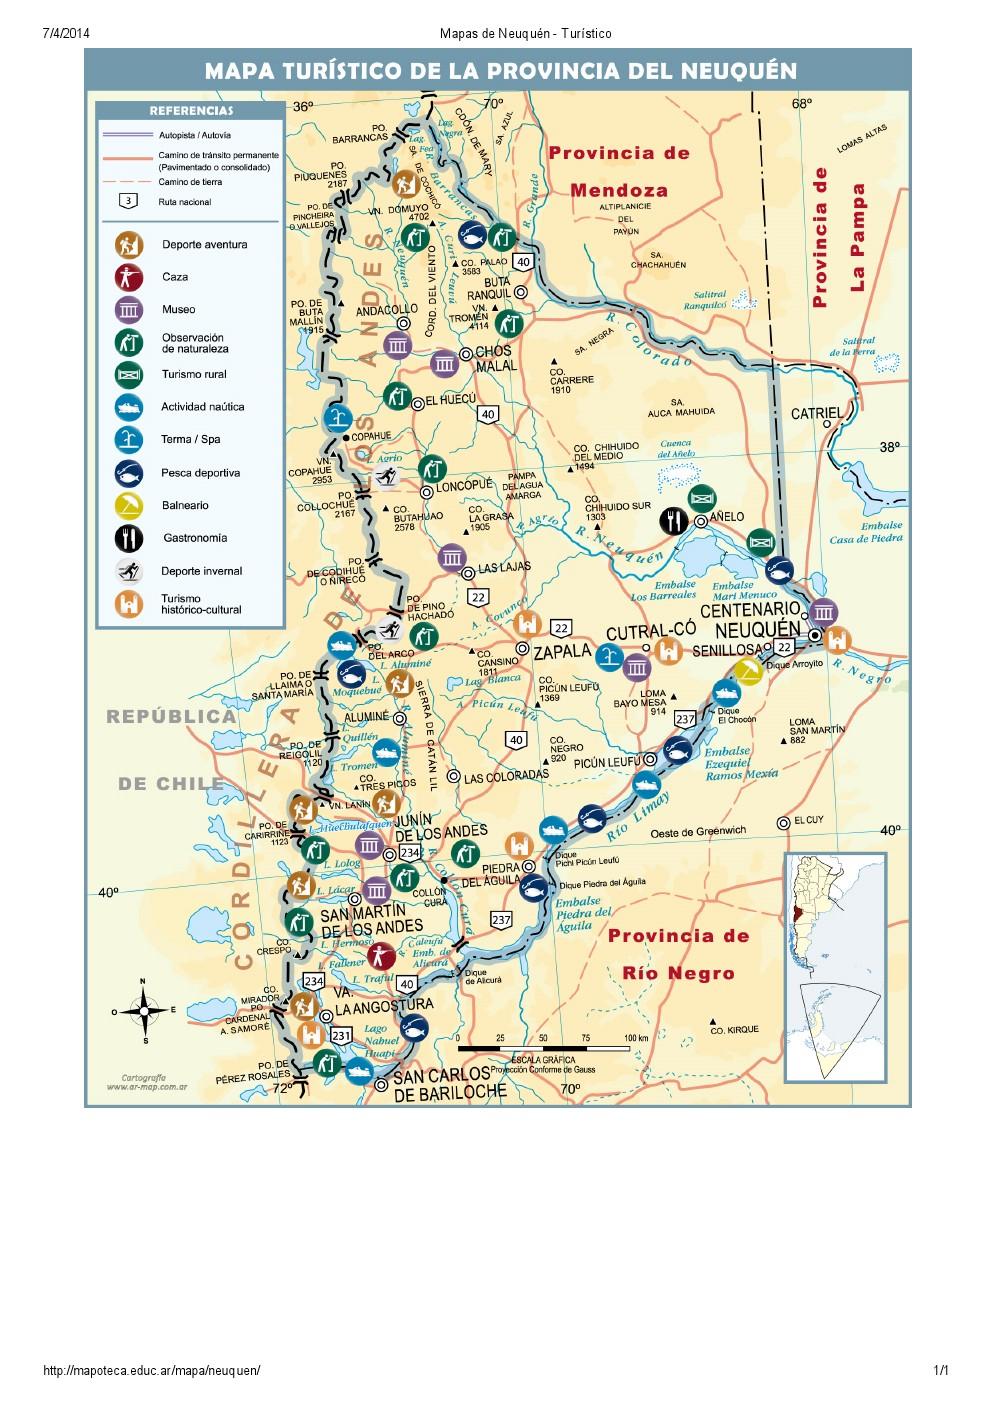 Mapa turístico de Neuquén. Mapoteca de Educ.ar